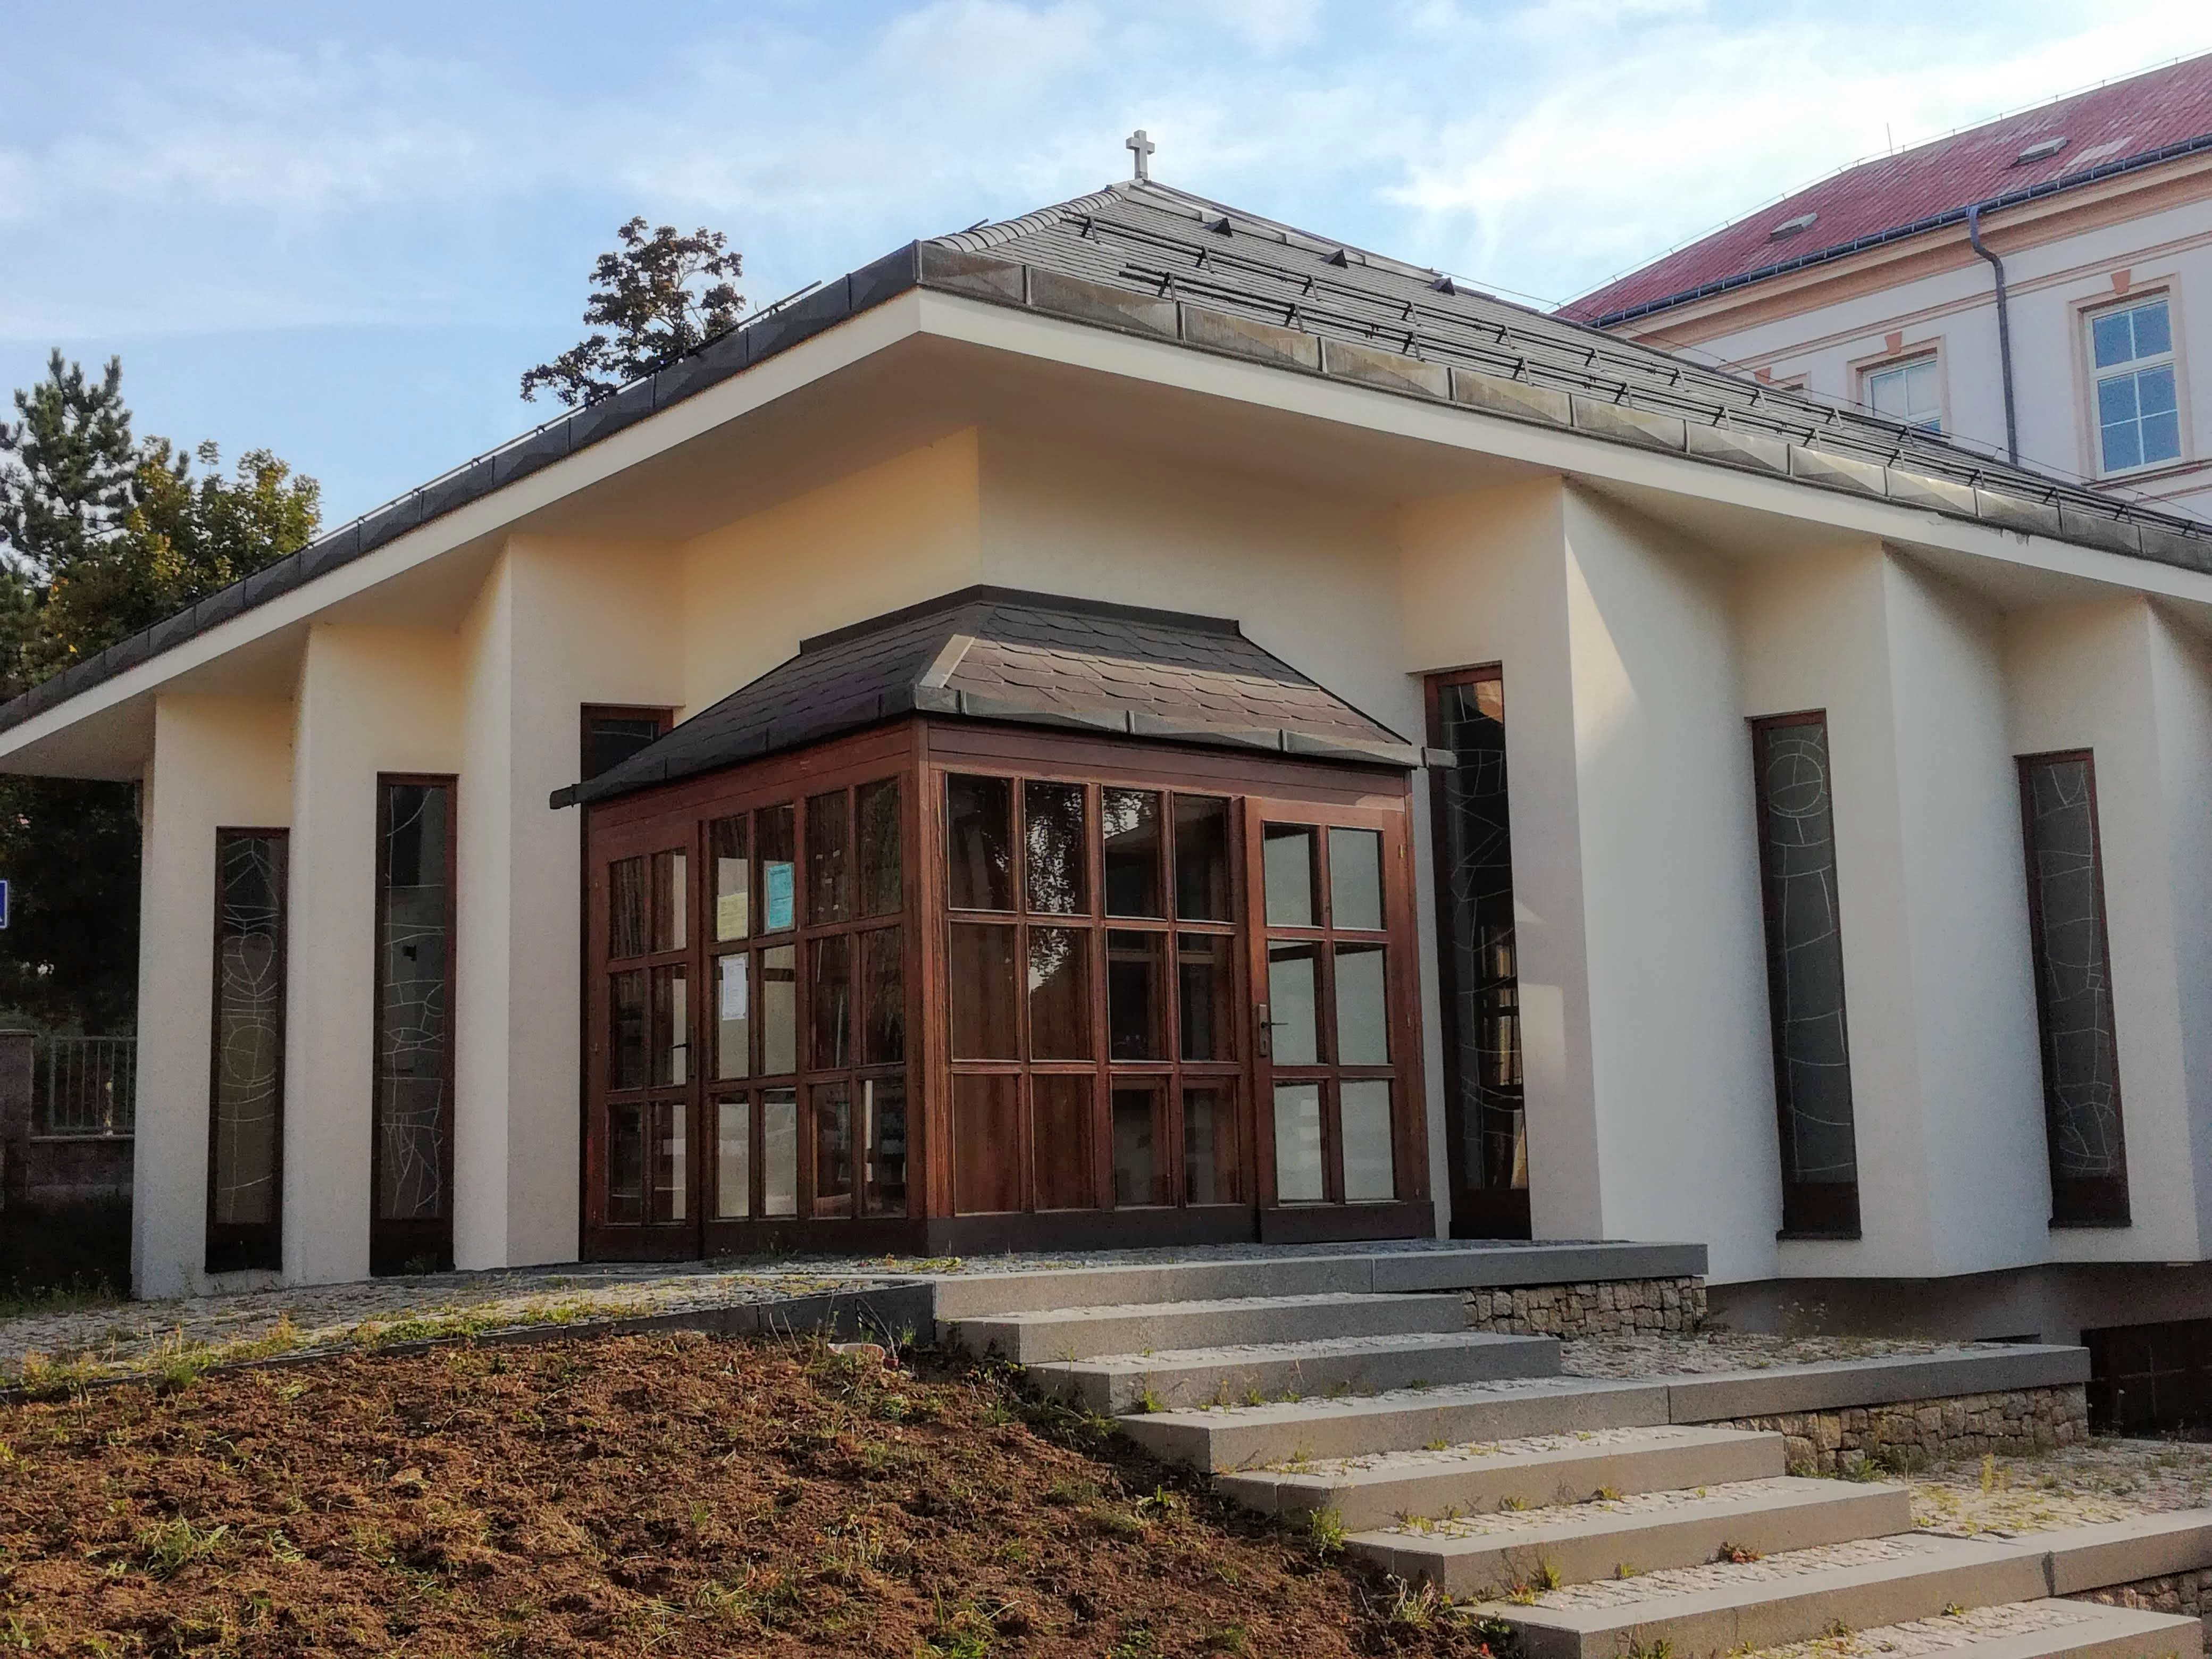 kaple Vzkříšení